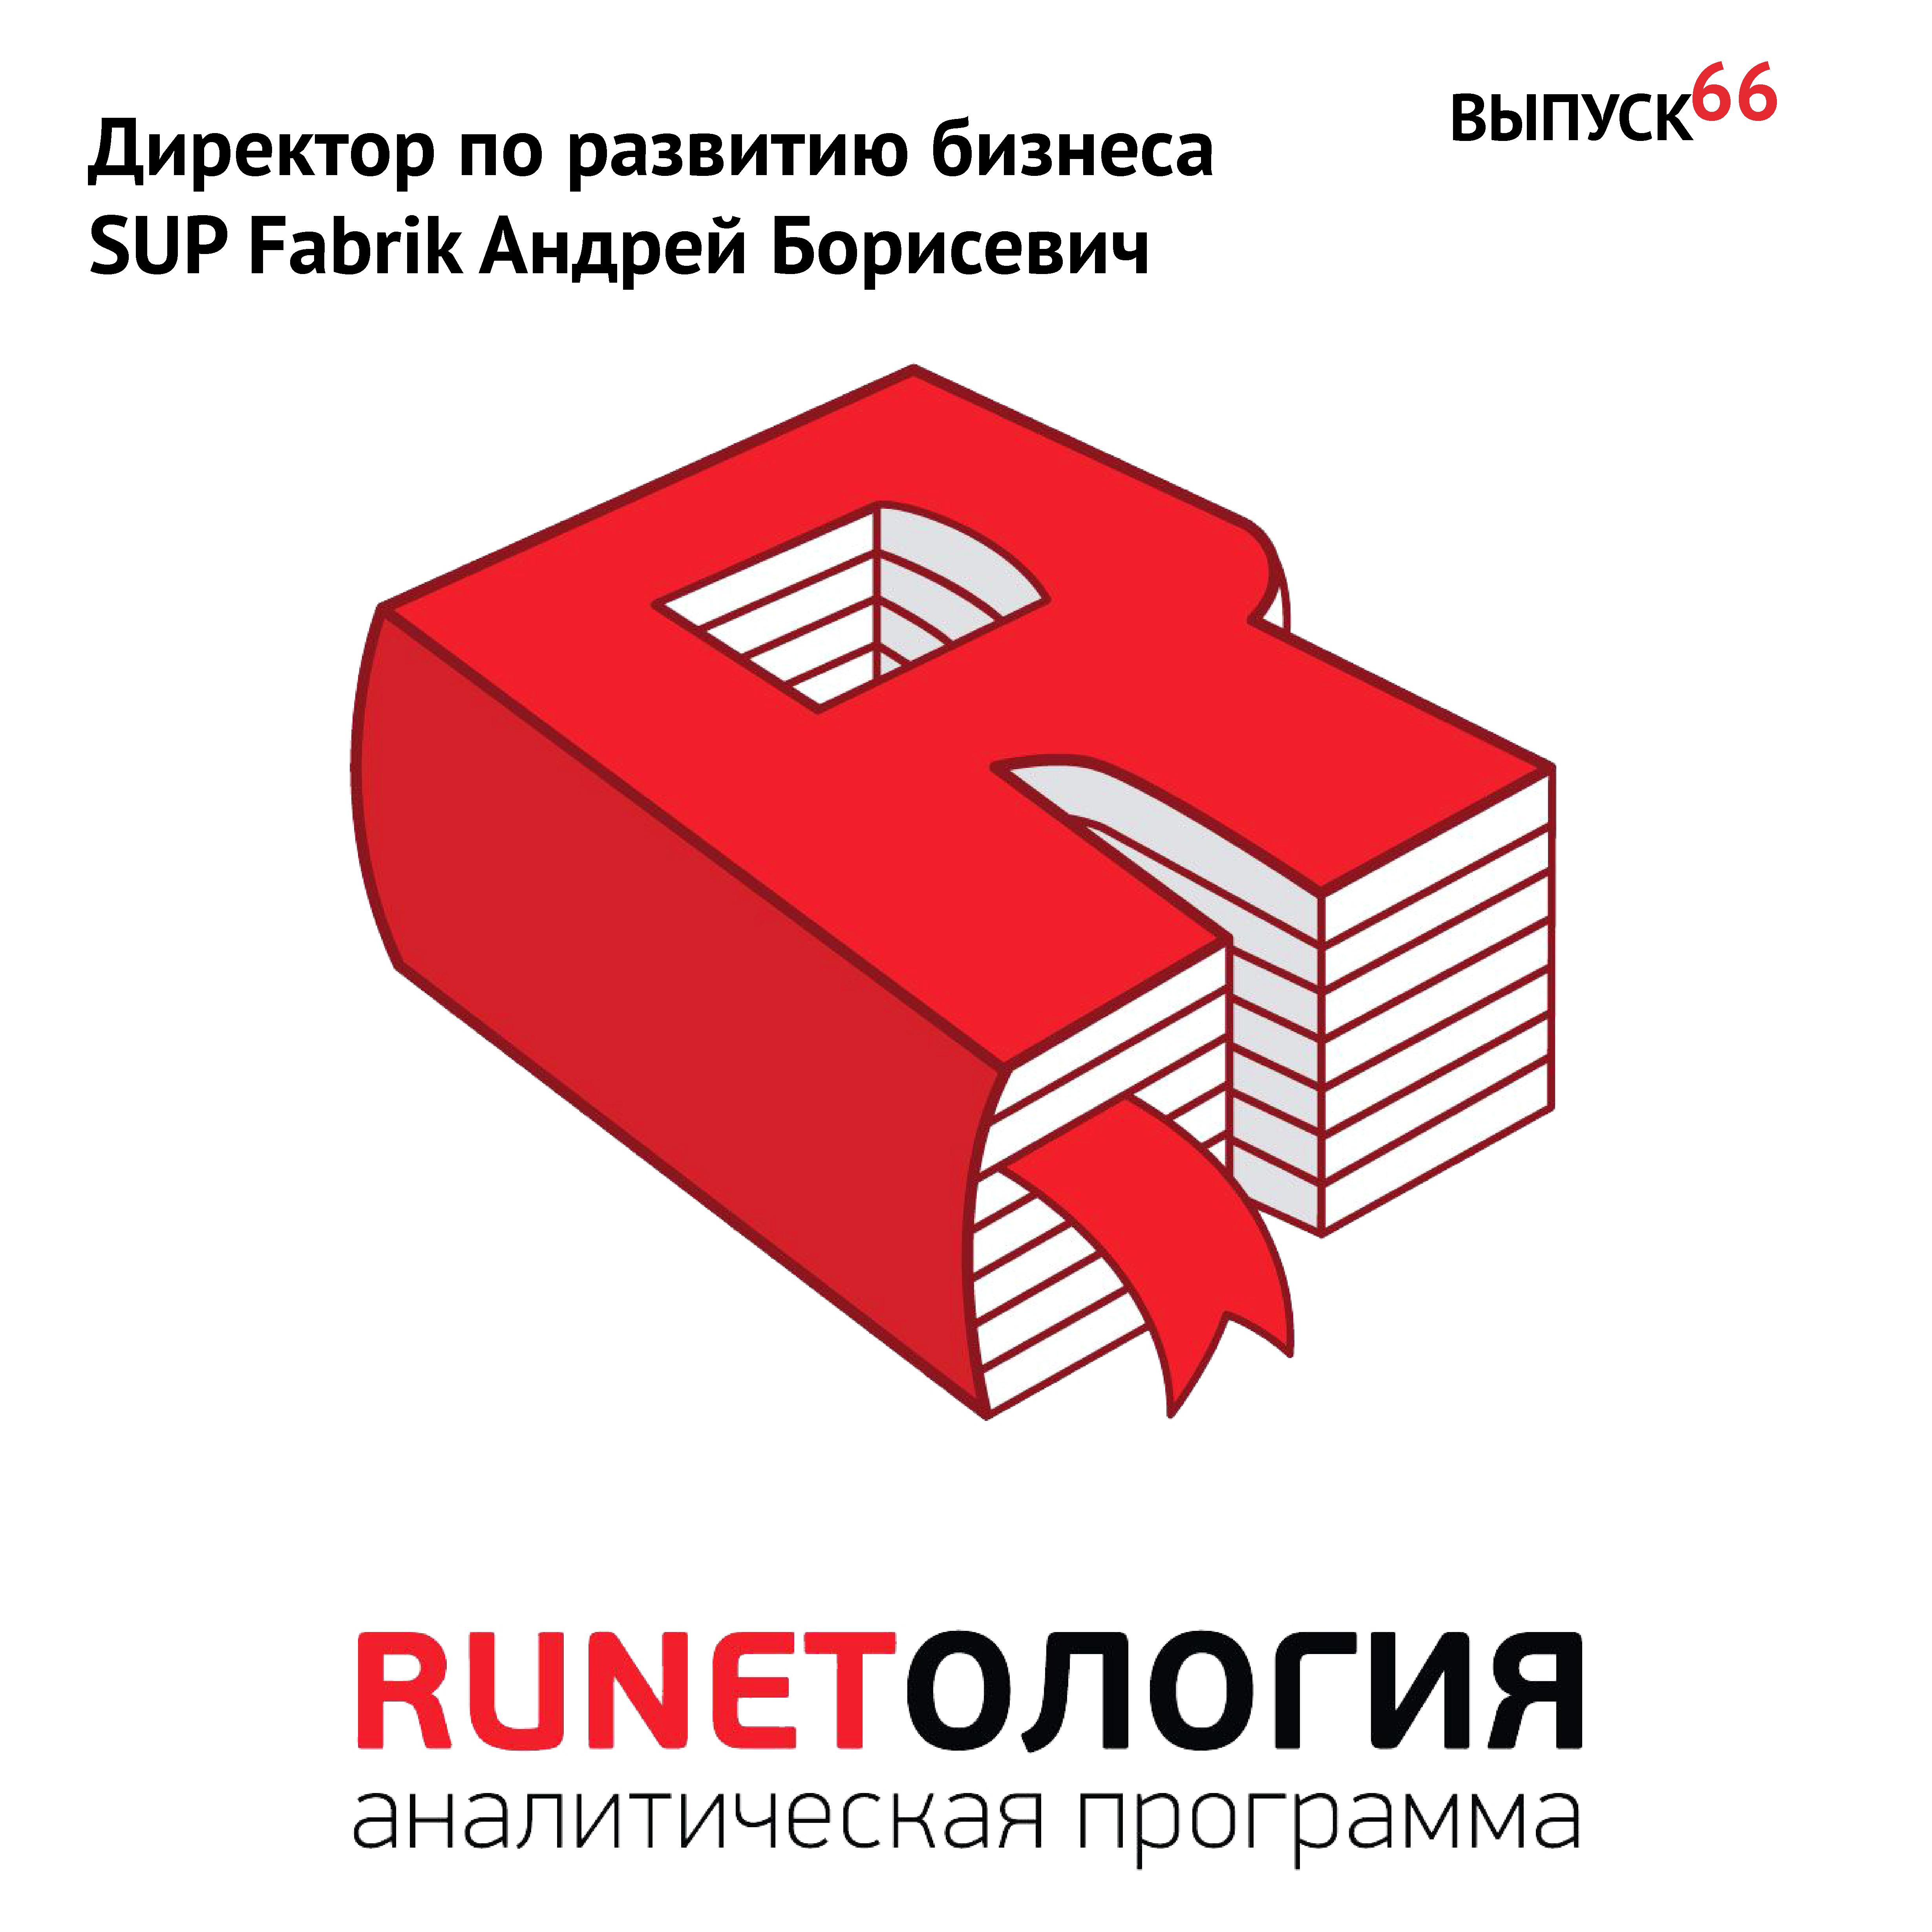 Максим Спиридонов Директор по развитию бизнеса SUP Fabrik Андрей Борисевич